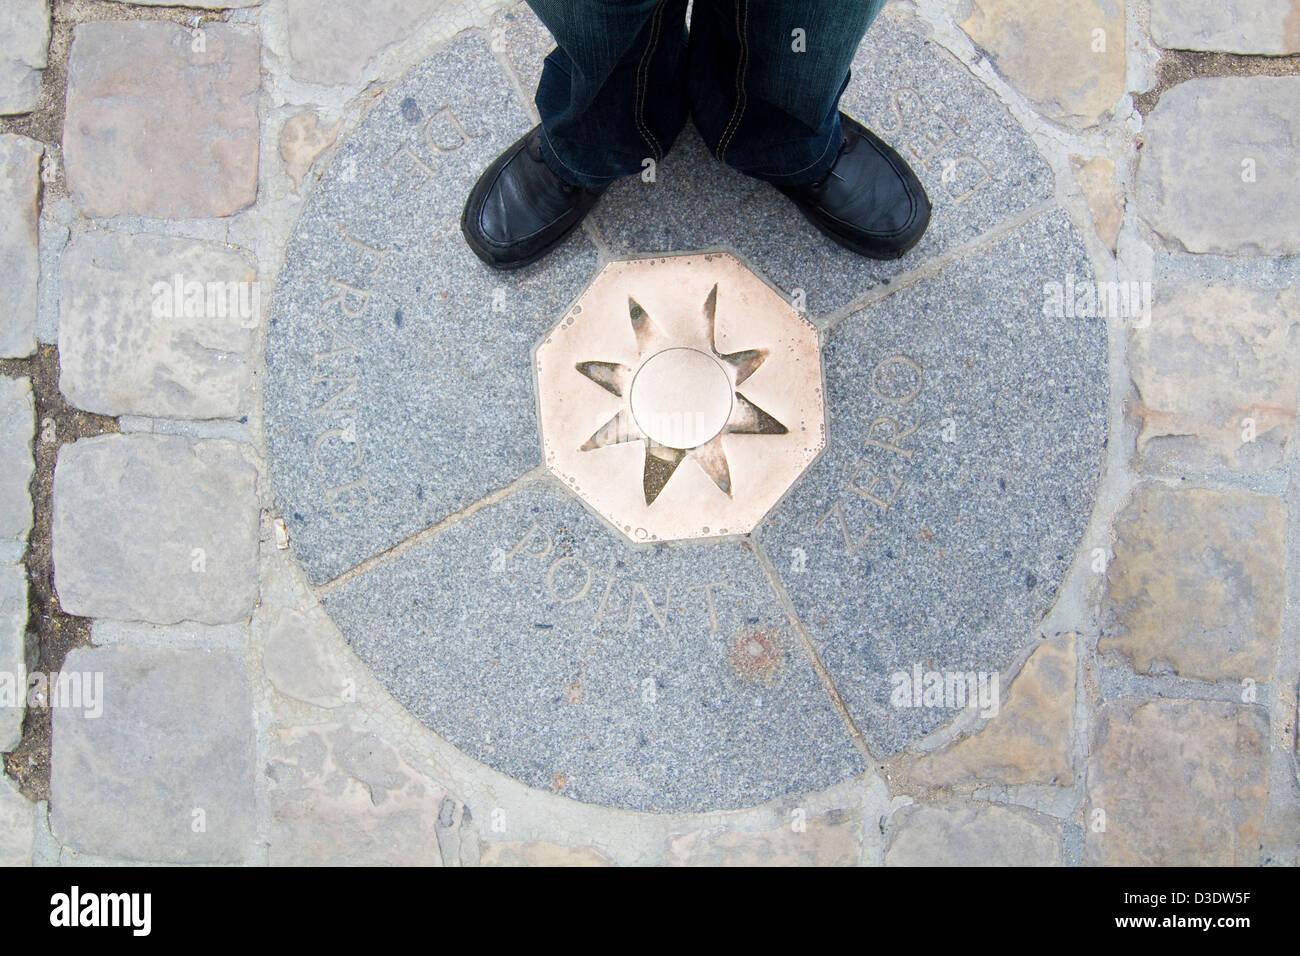 Famoso punto cero marca en París, a partir del cual se miden todas las distancias en Francia. Imagen De Stock